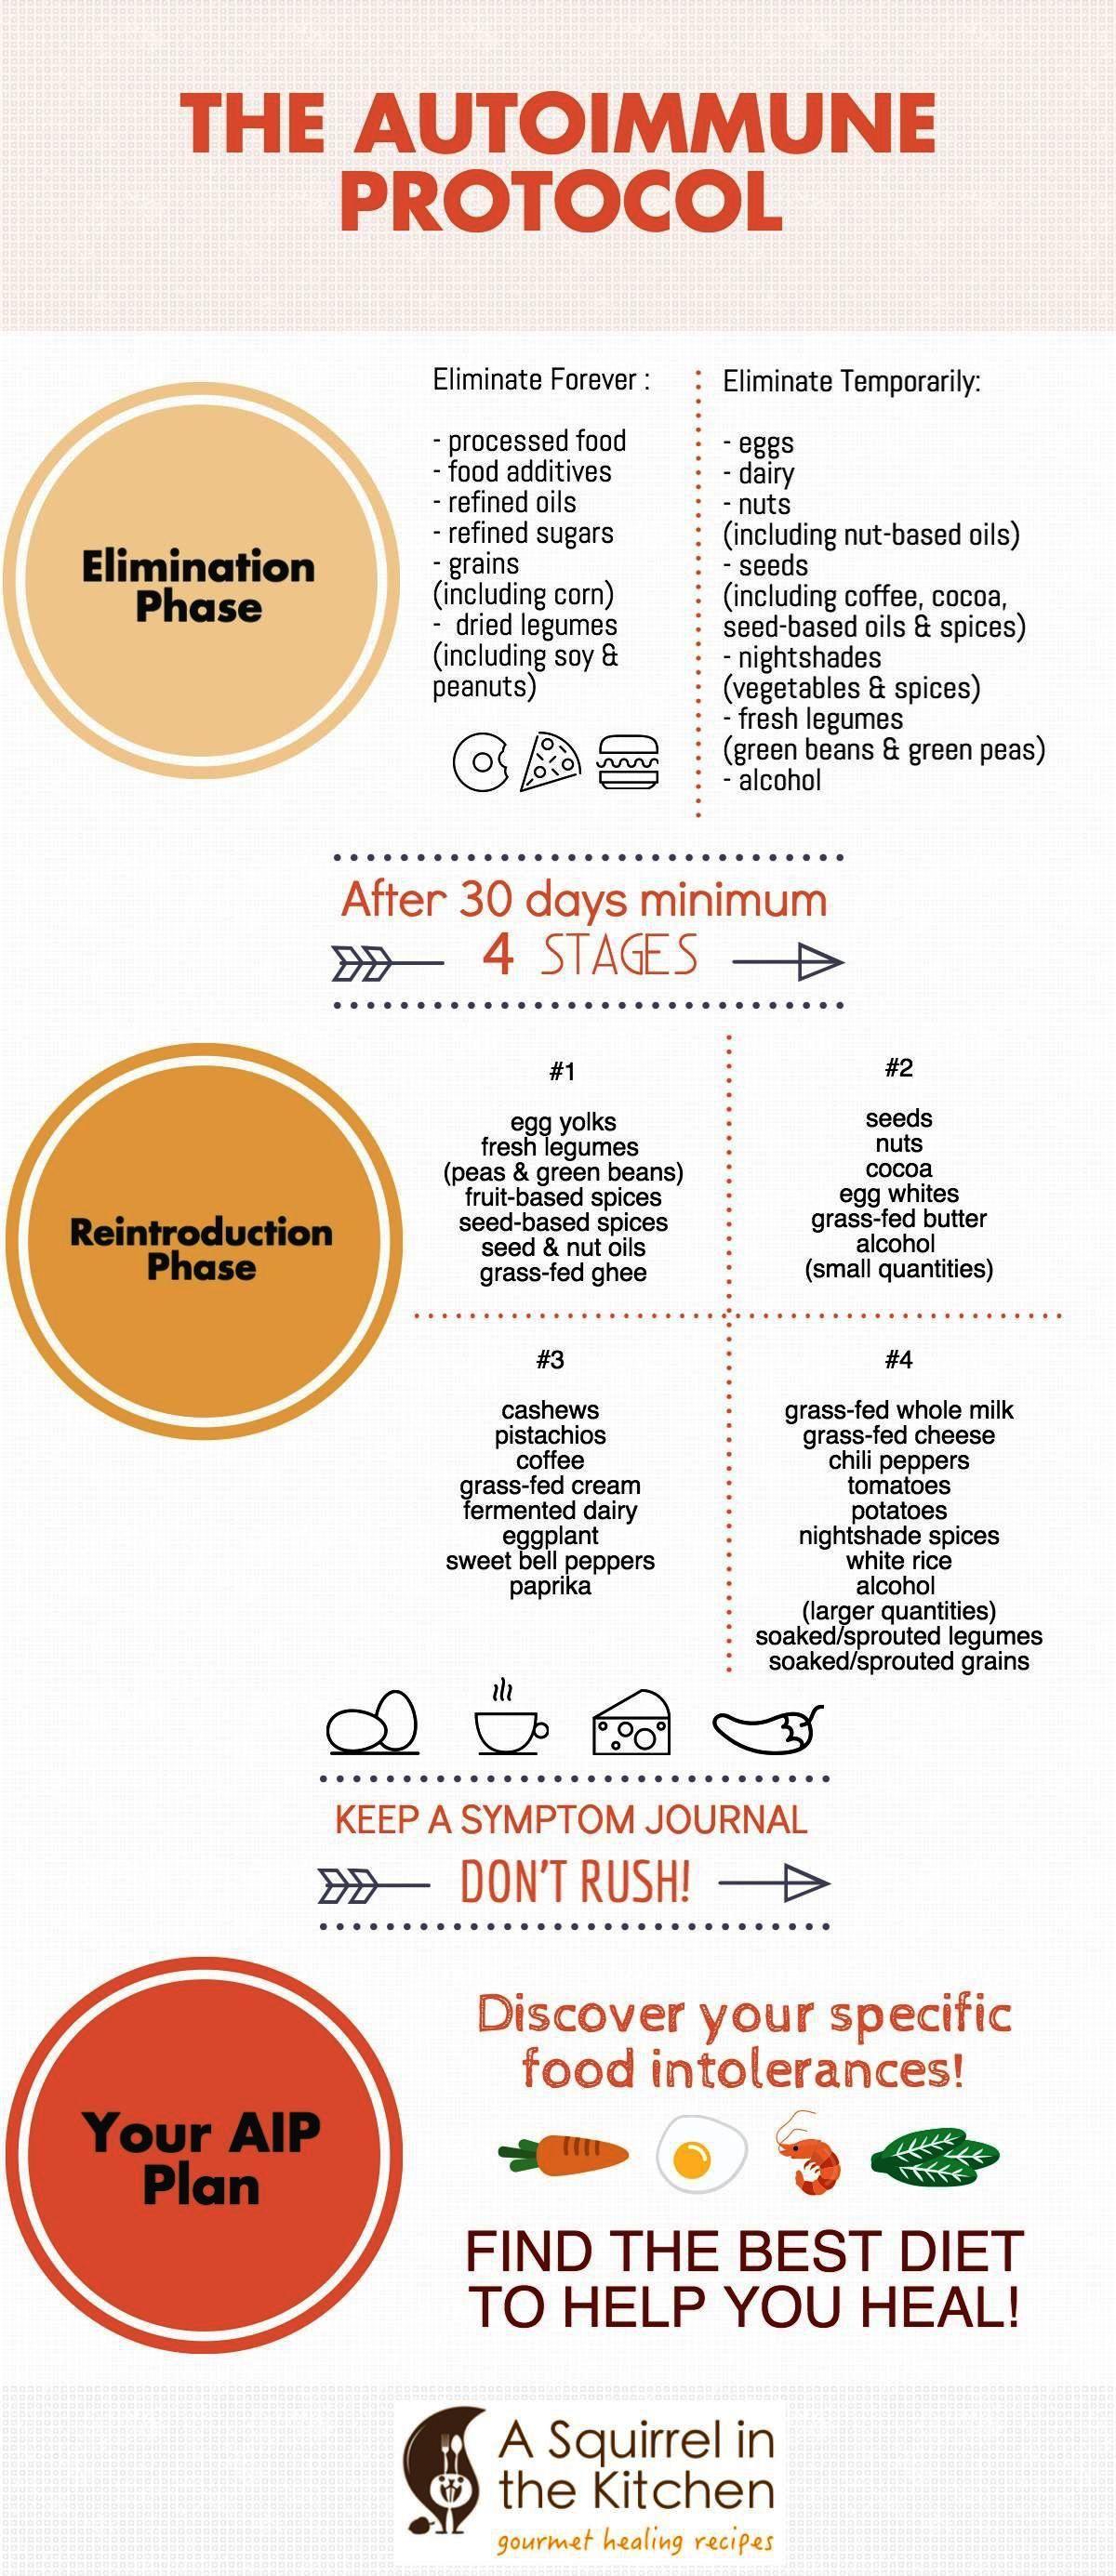 Paleo Diet Recipes Chicken Paleo Diet Information Paleo Diet Fast Food Breakfast Autoimmune Paleo Diet Autoimmune Paleo Recipes Paleo Autoimmune Protocol